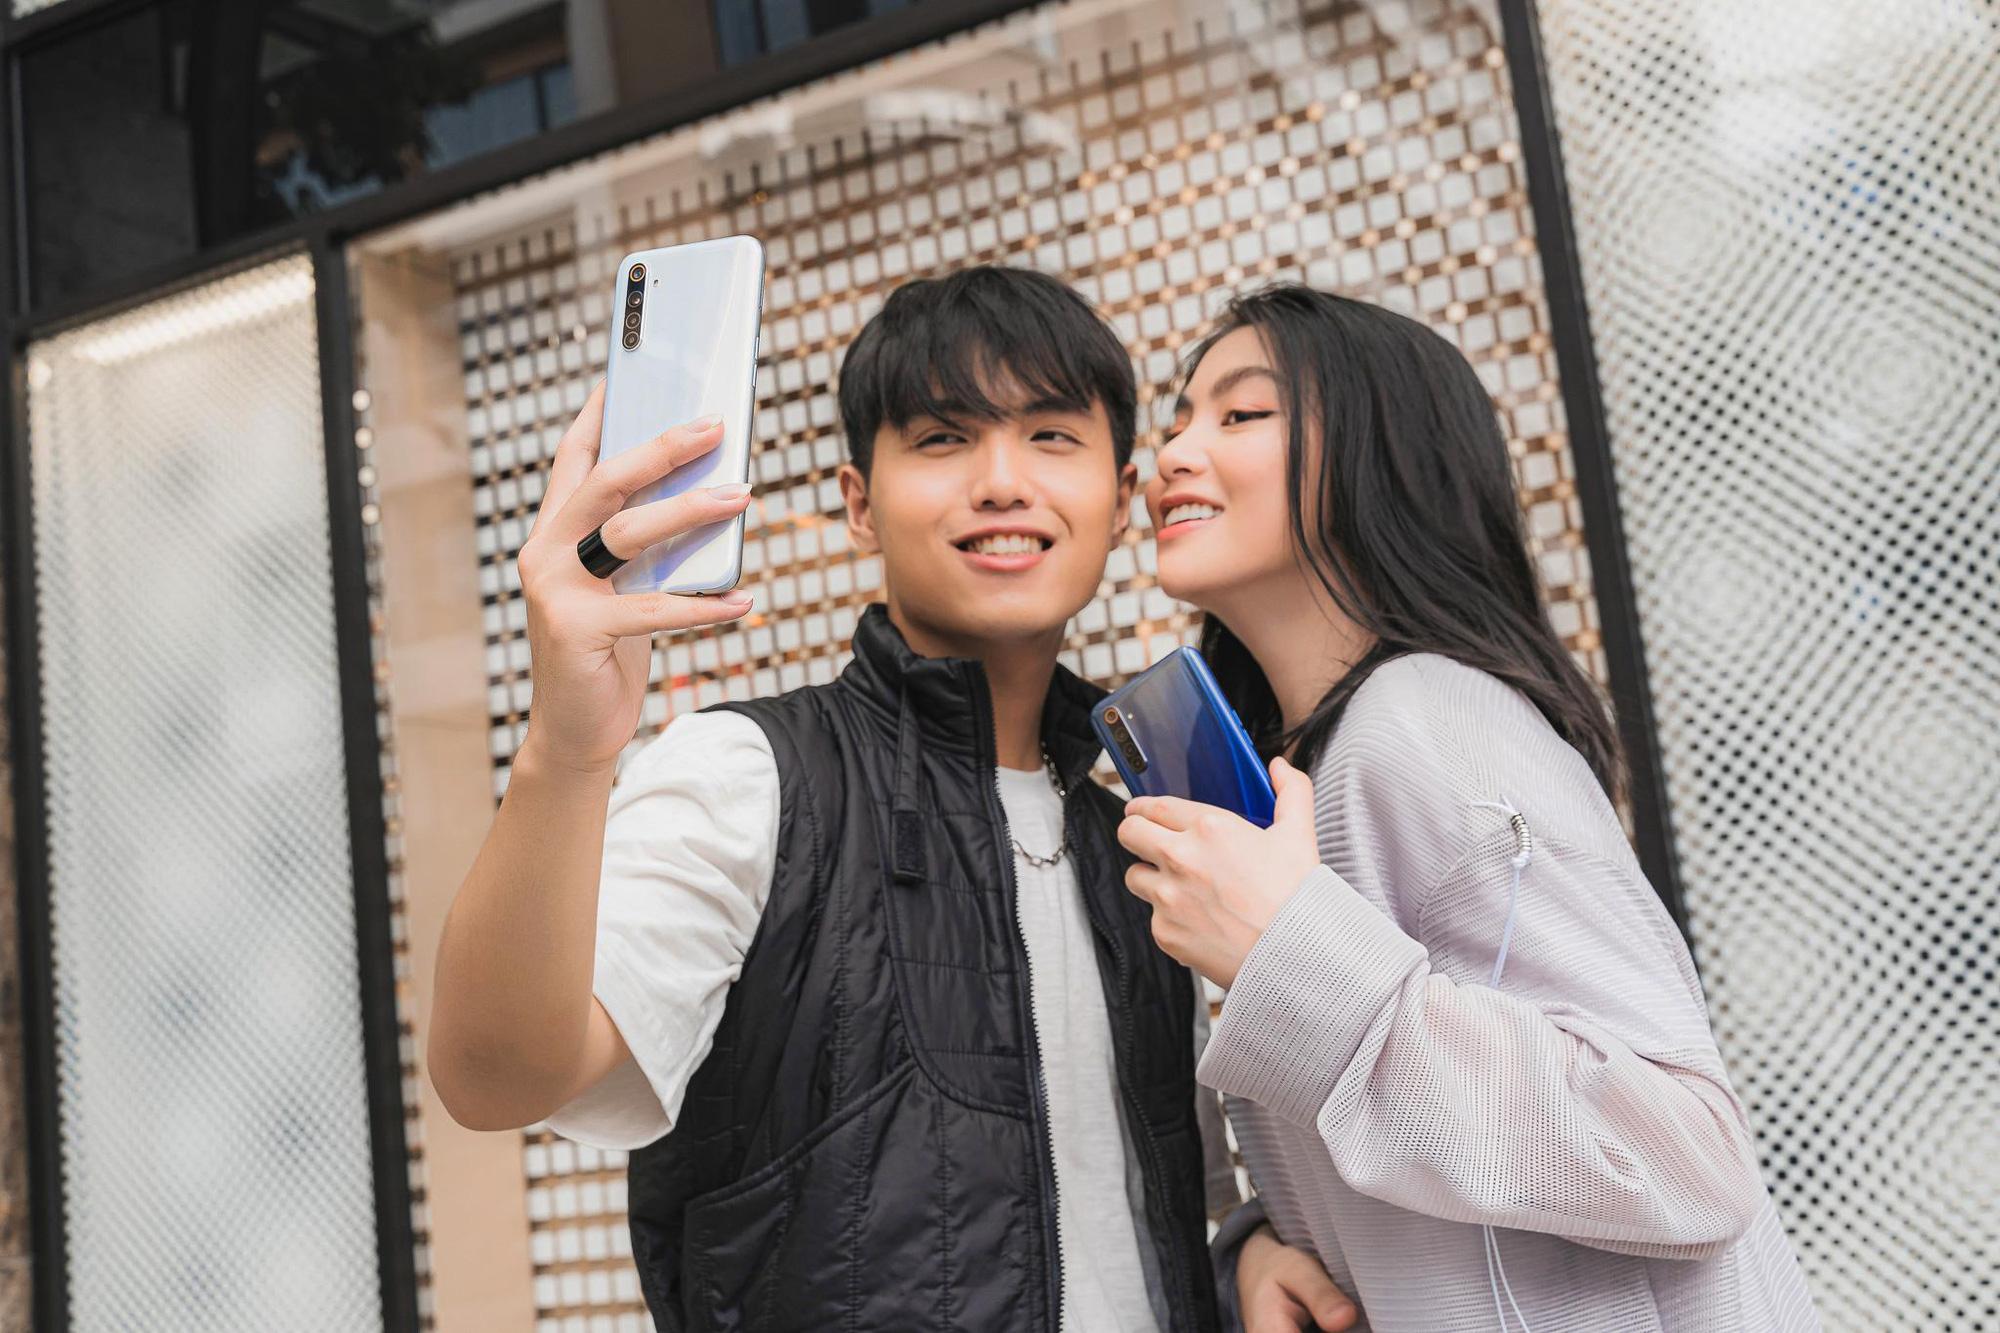 Thế hệ Gen Z: Khẳng định tuyên ngôn phong cách qua smartphone - Ảnh 4.